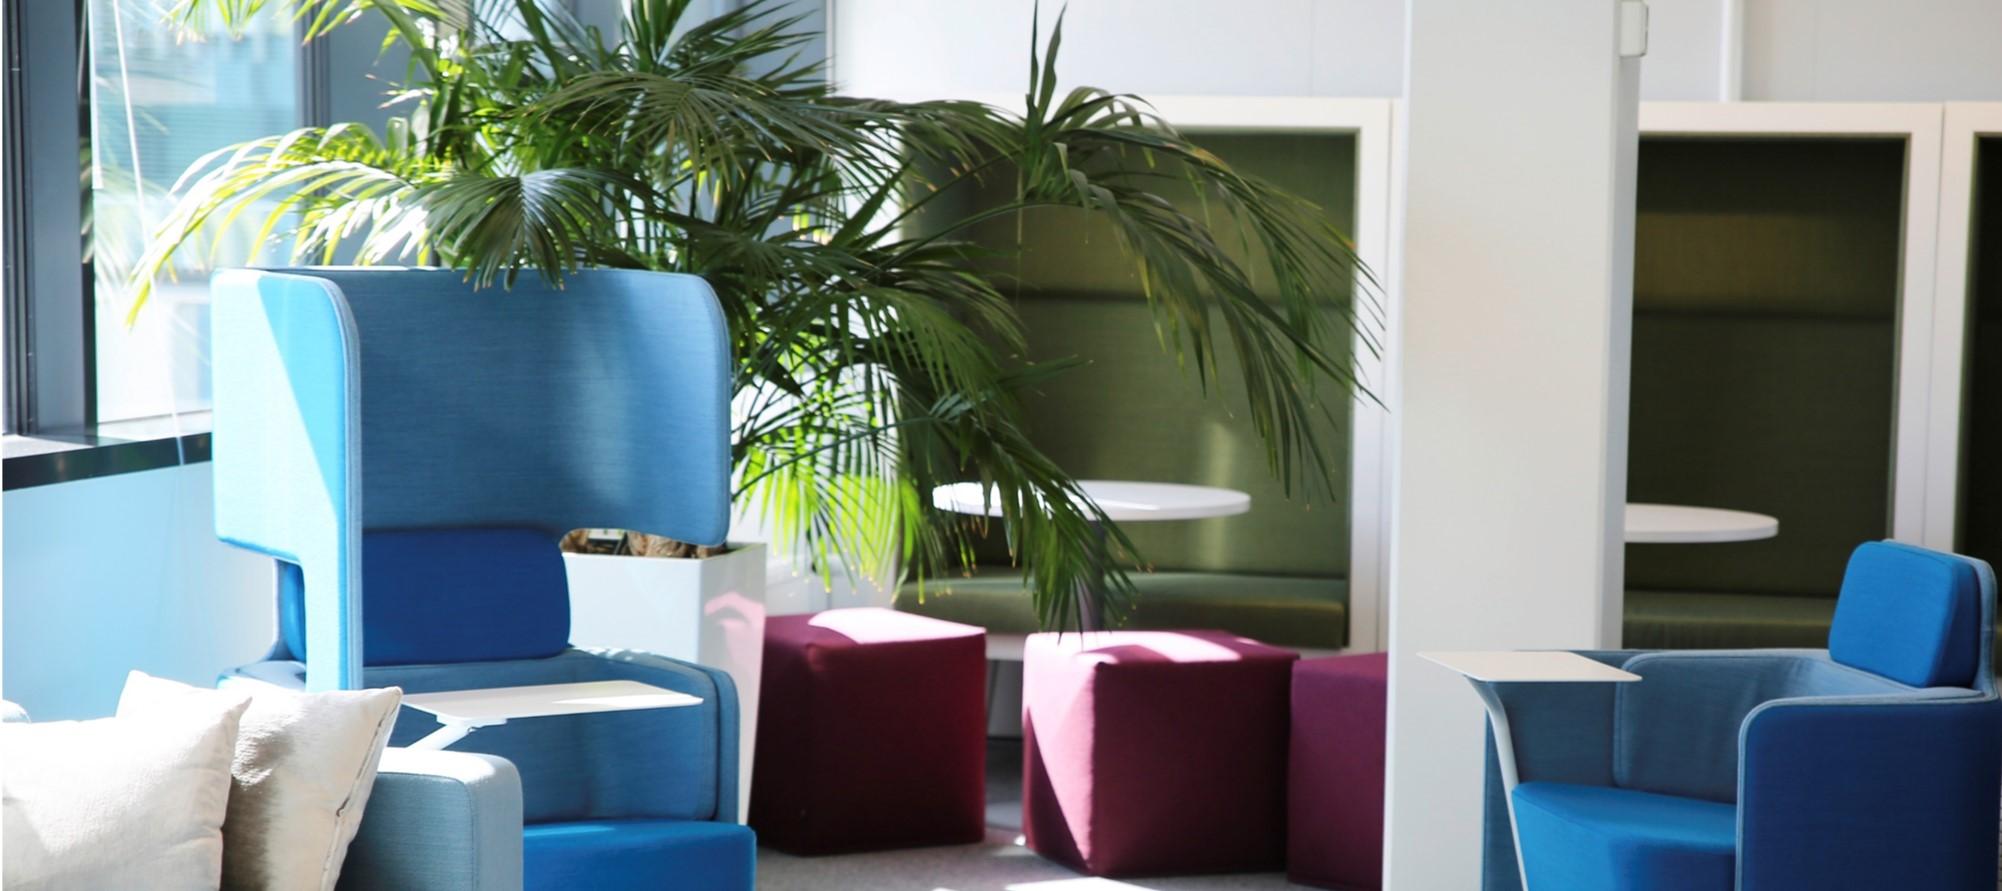 Outotecin uuteen työympäristöön lisättiin mm. working lounge -tiloja.